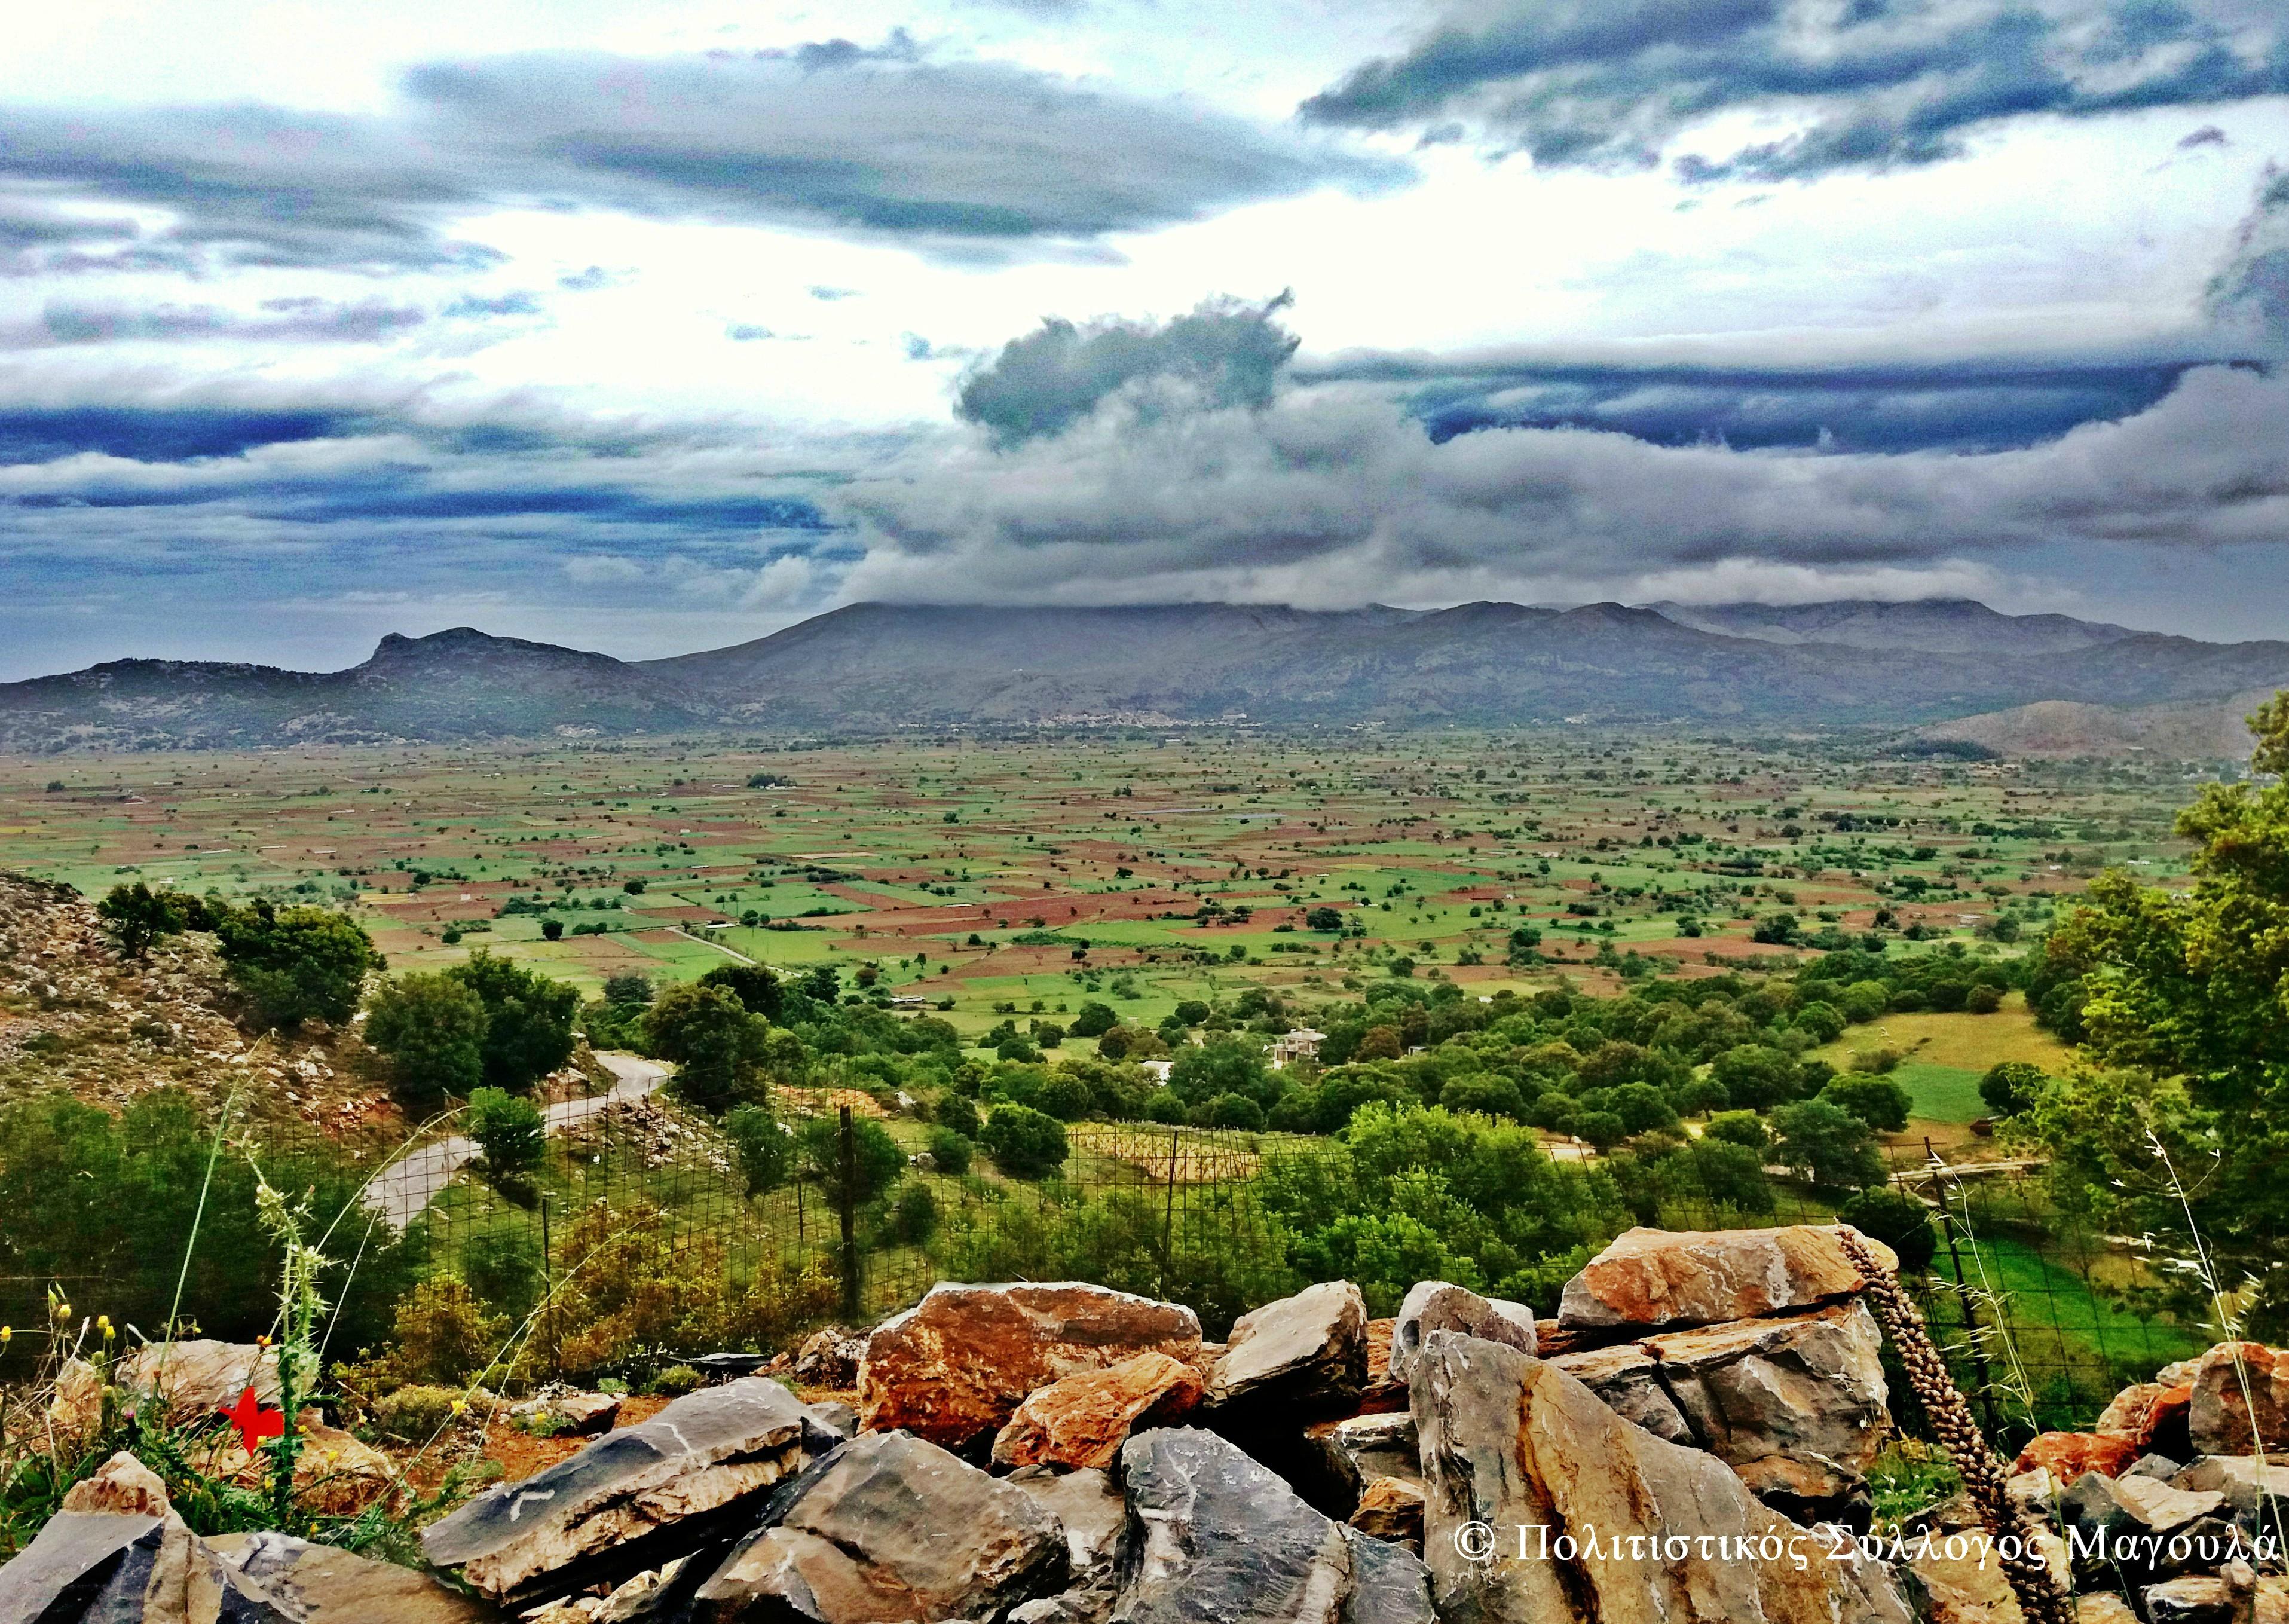 Η θέα του κάμπου από τις δυο εκκλησίες- The view of lasithi plain from the churches